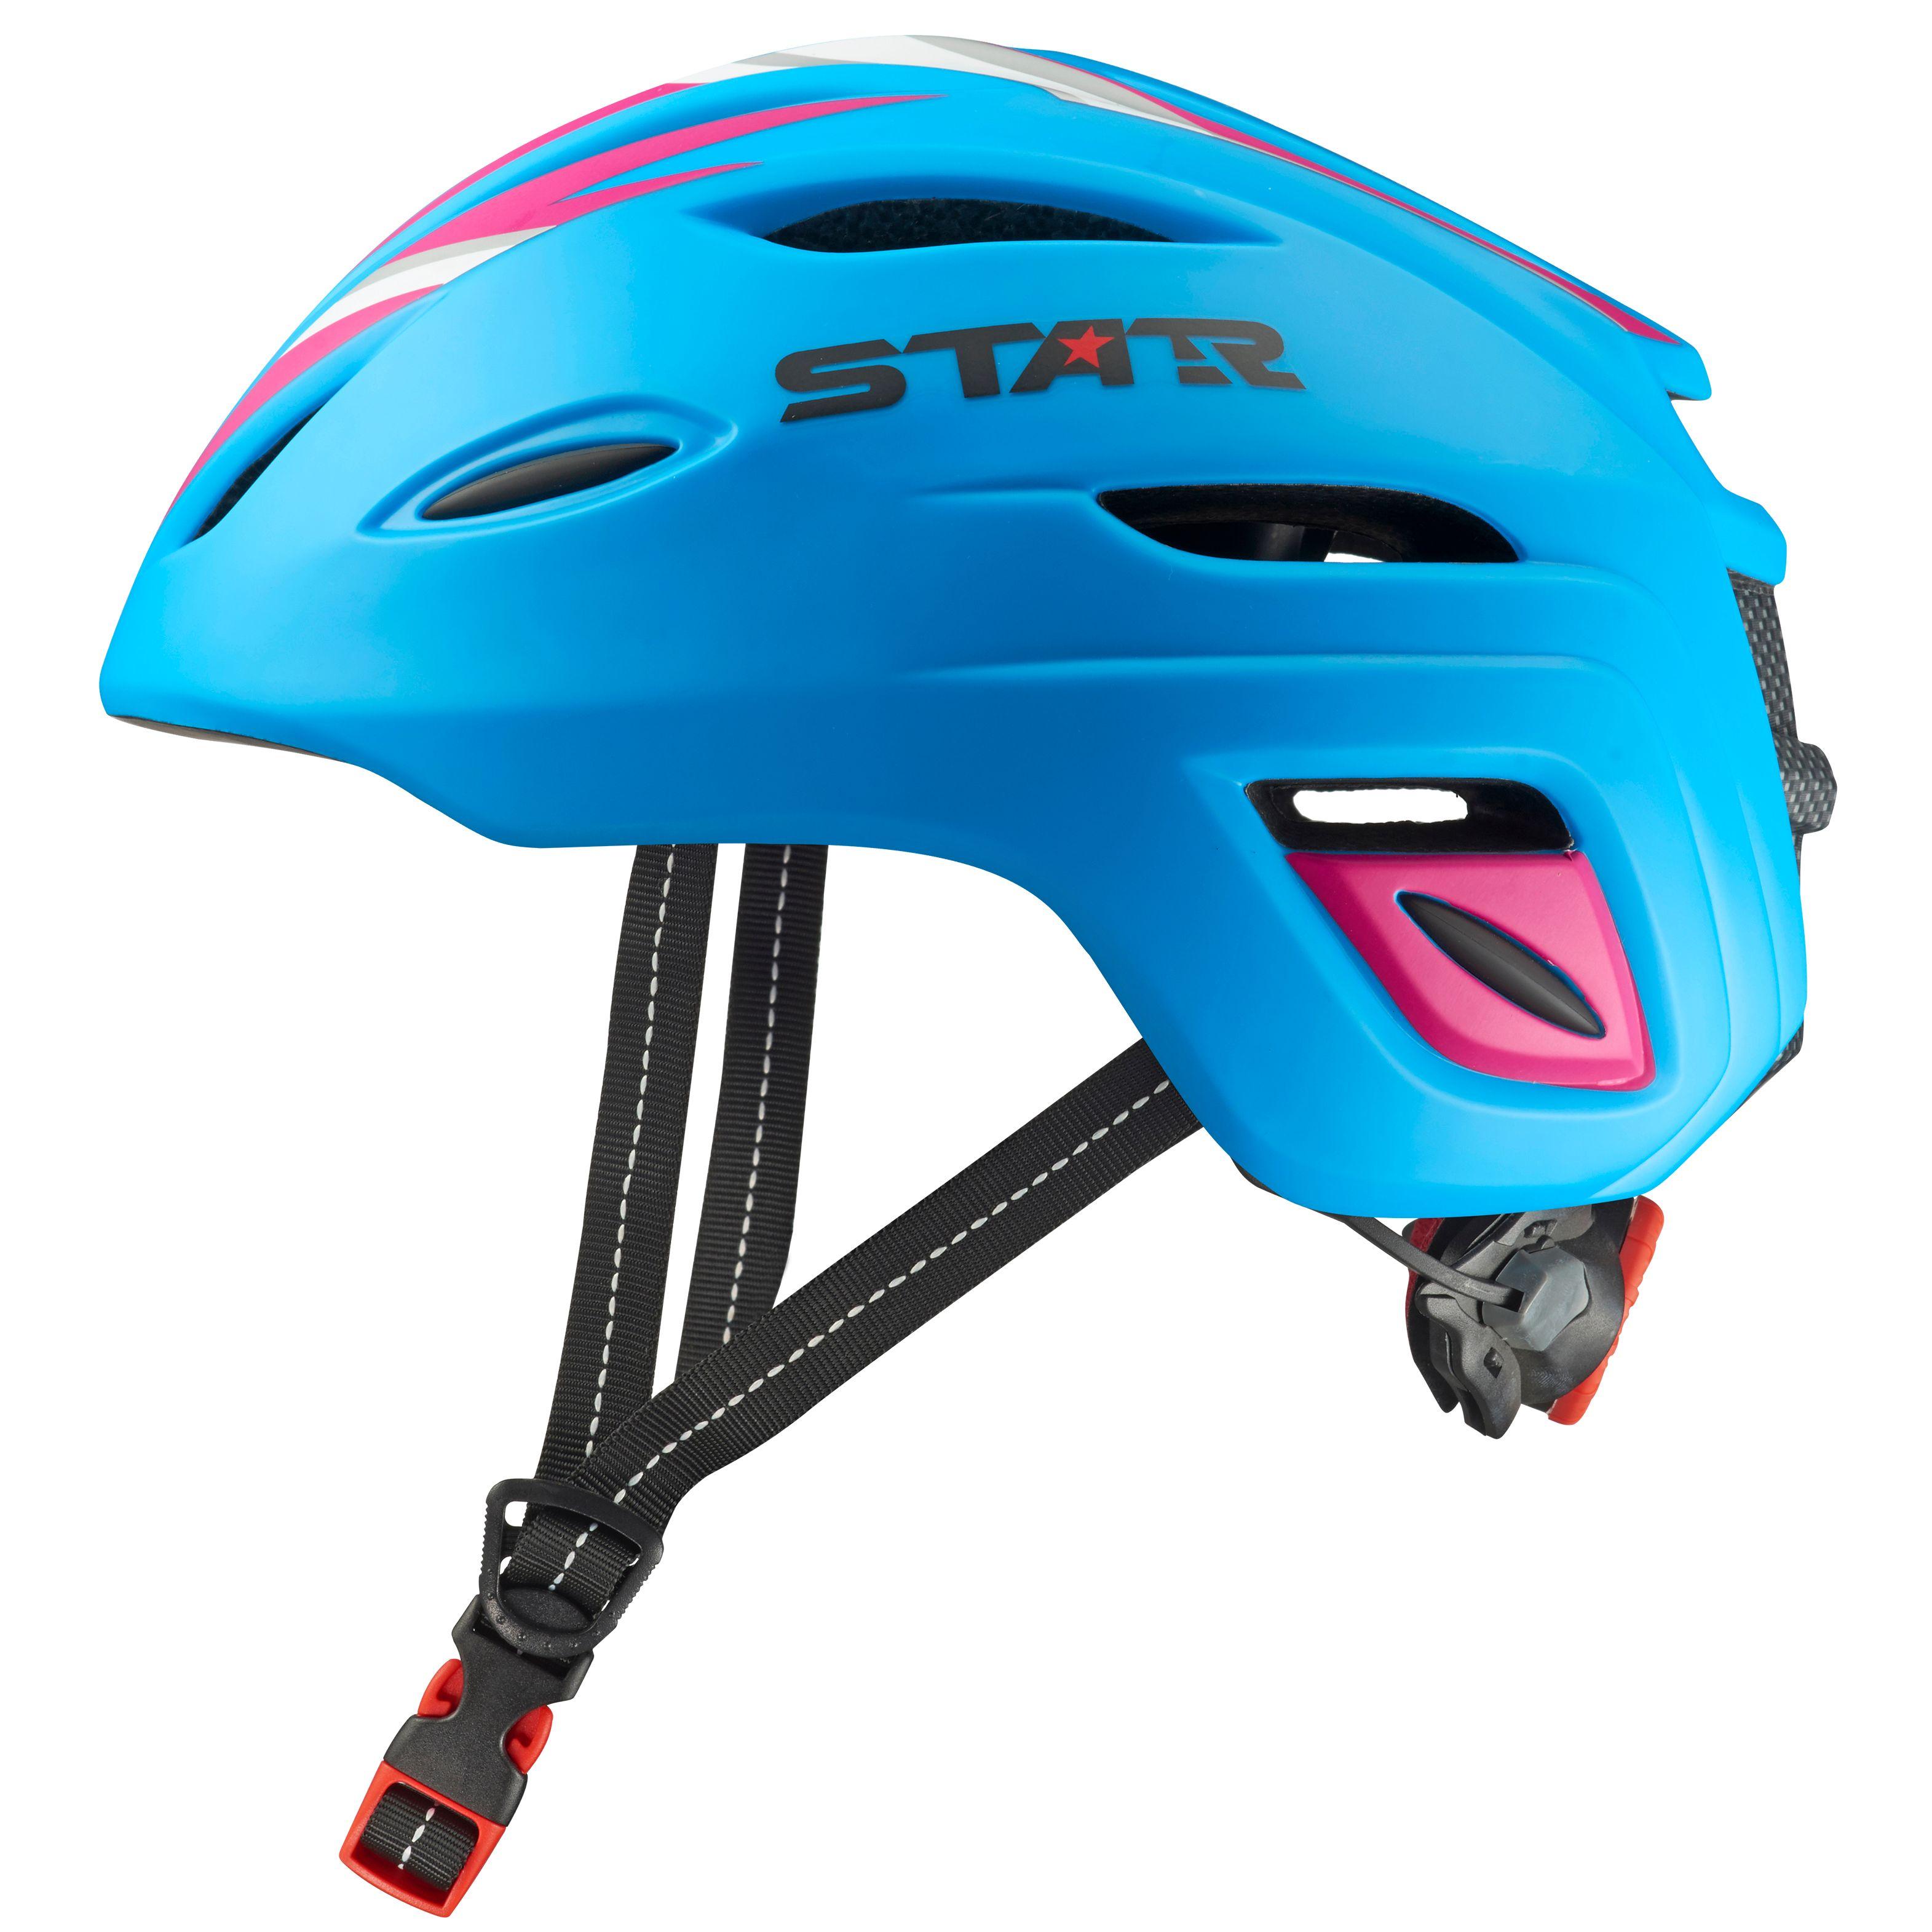 B3-18 Bicycle Helmet